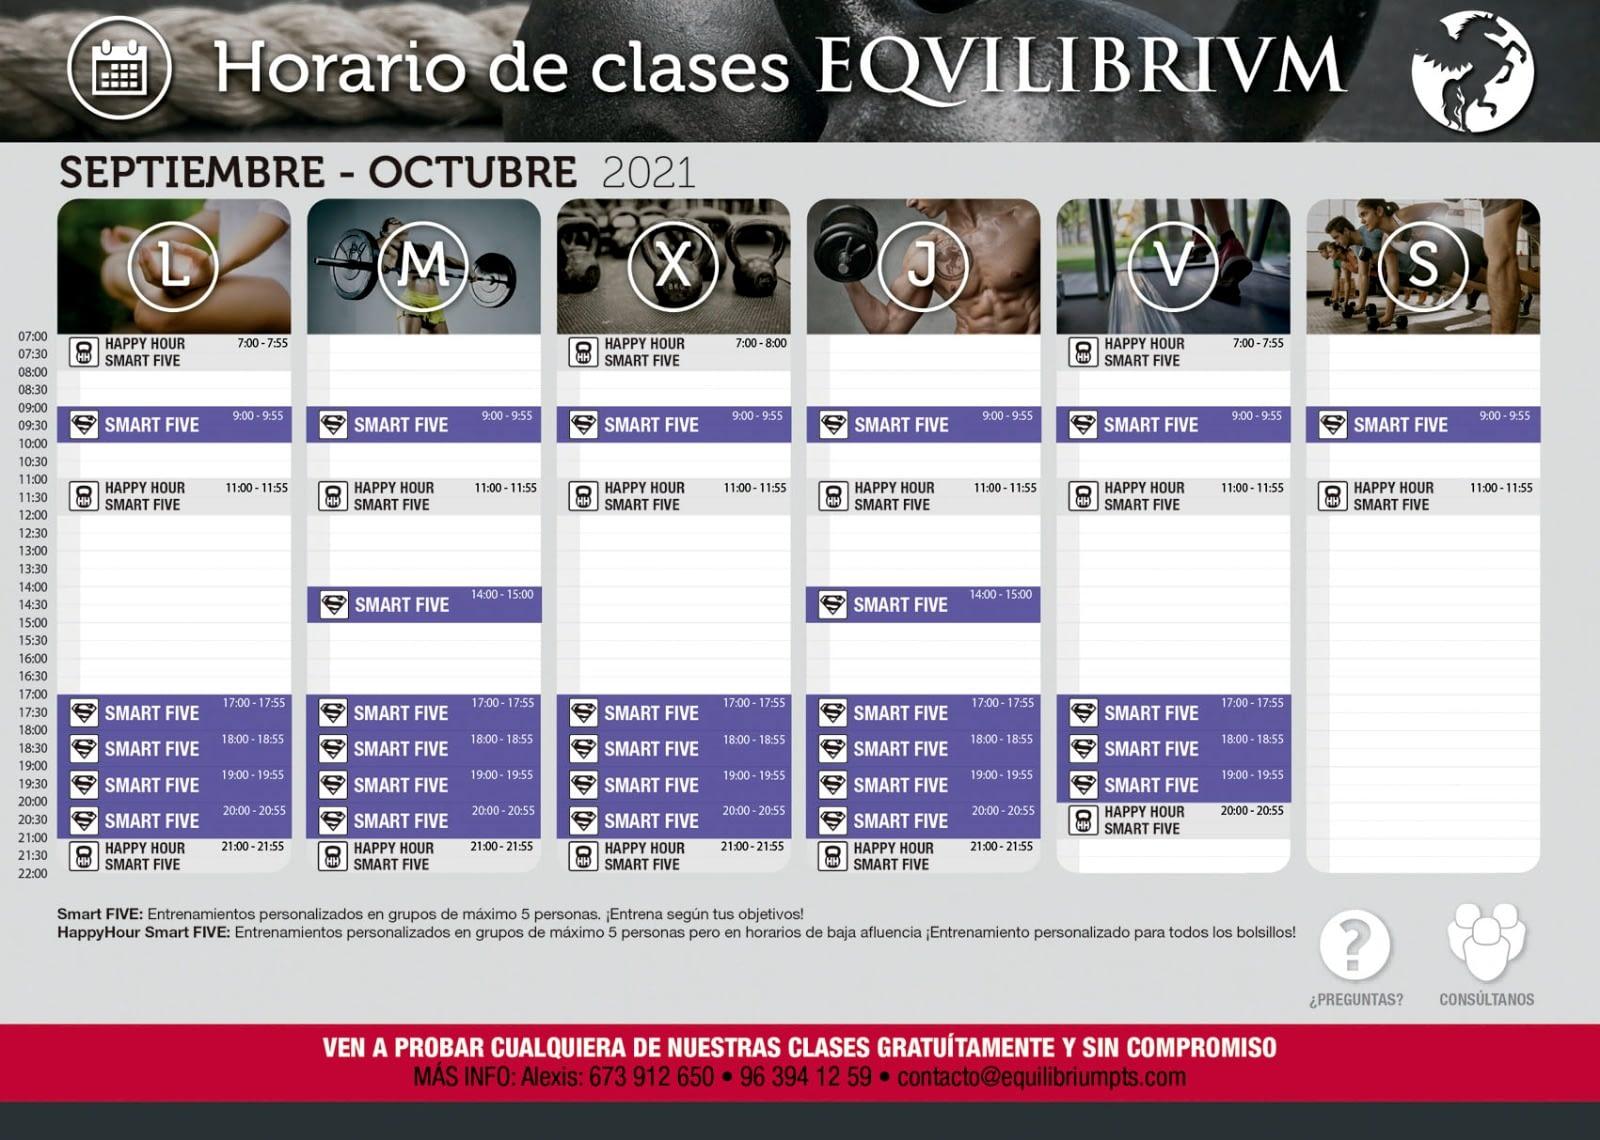 Horario de clases Equilibrium